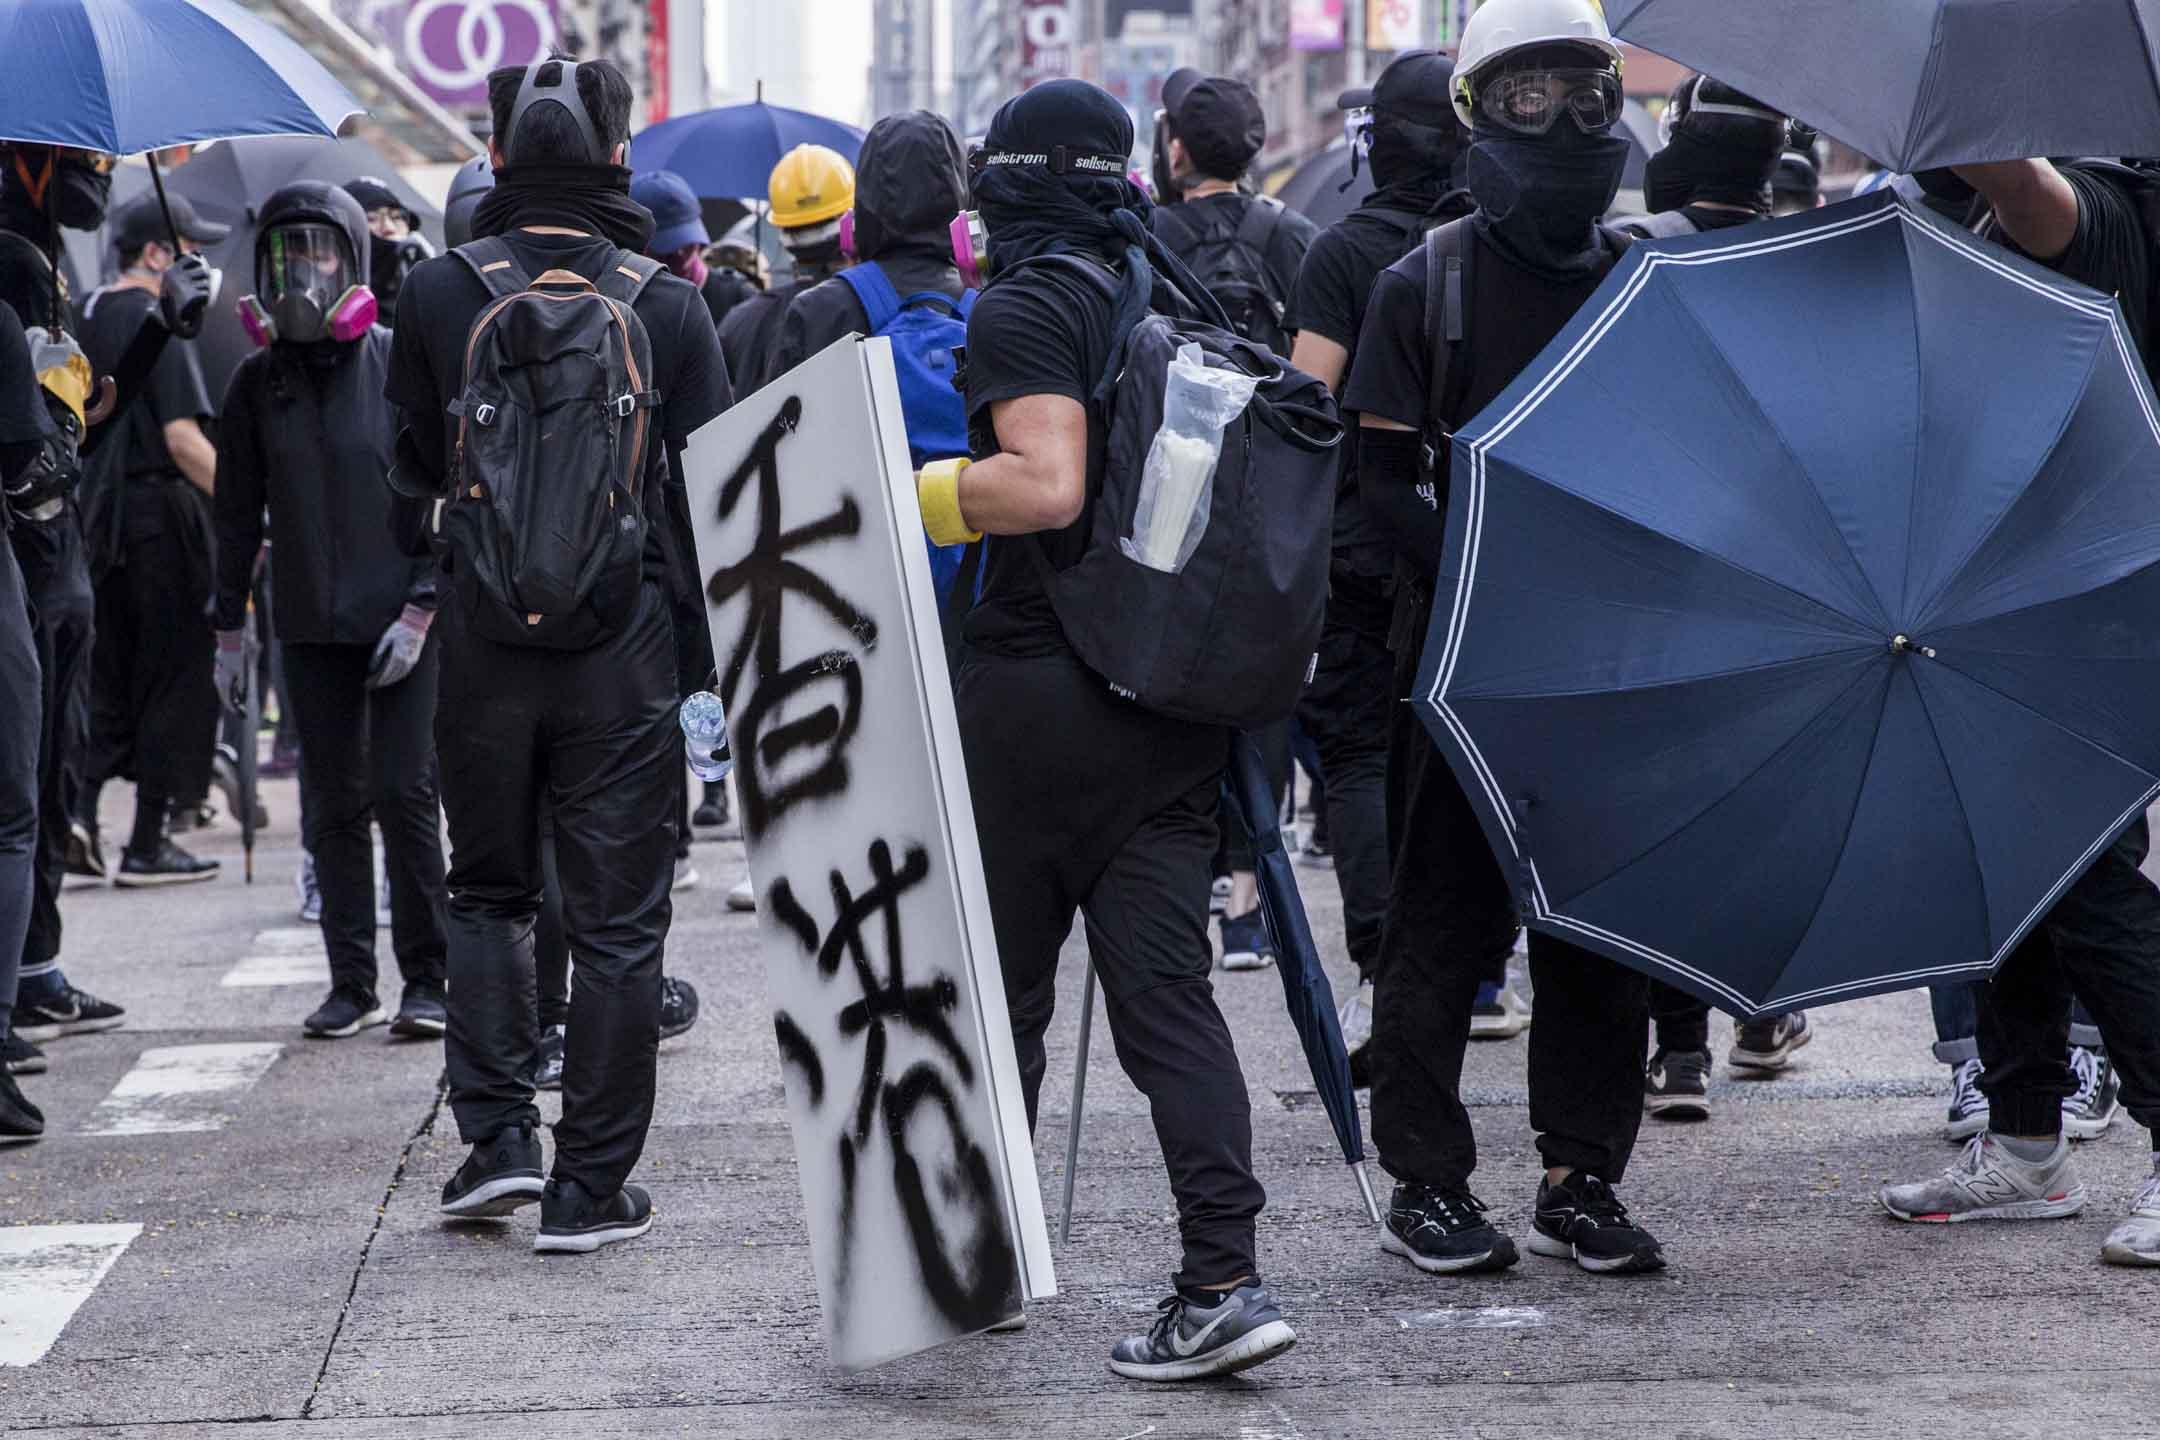 2019年10月20日,九龍區遊行演變成衝突,示威者在旺角架設防線。 攝:林振東/端傳媒